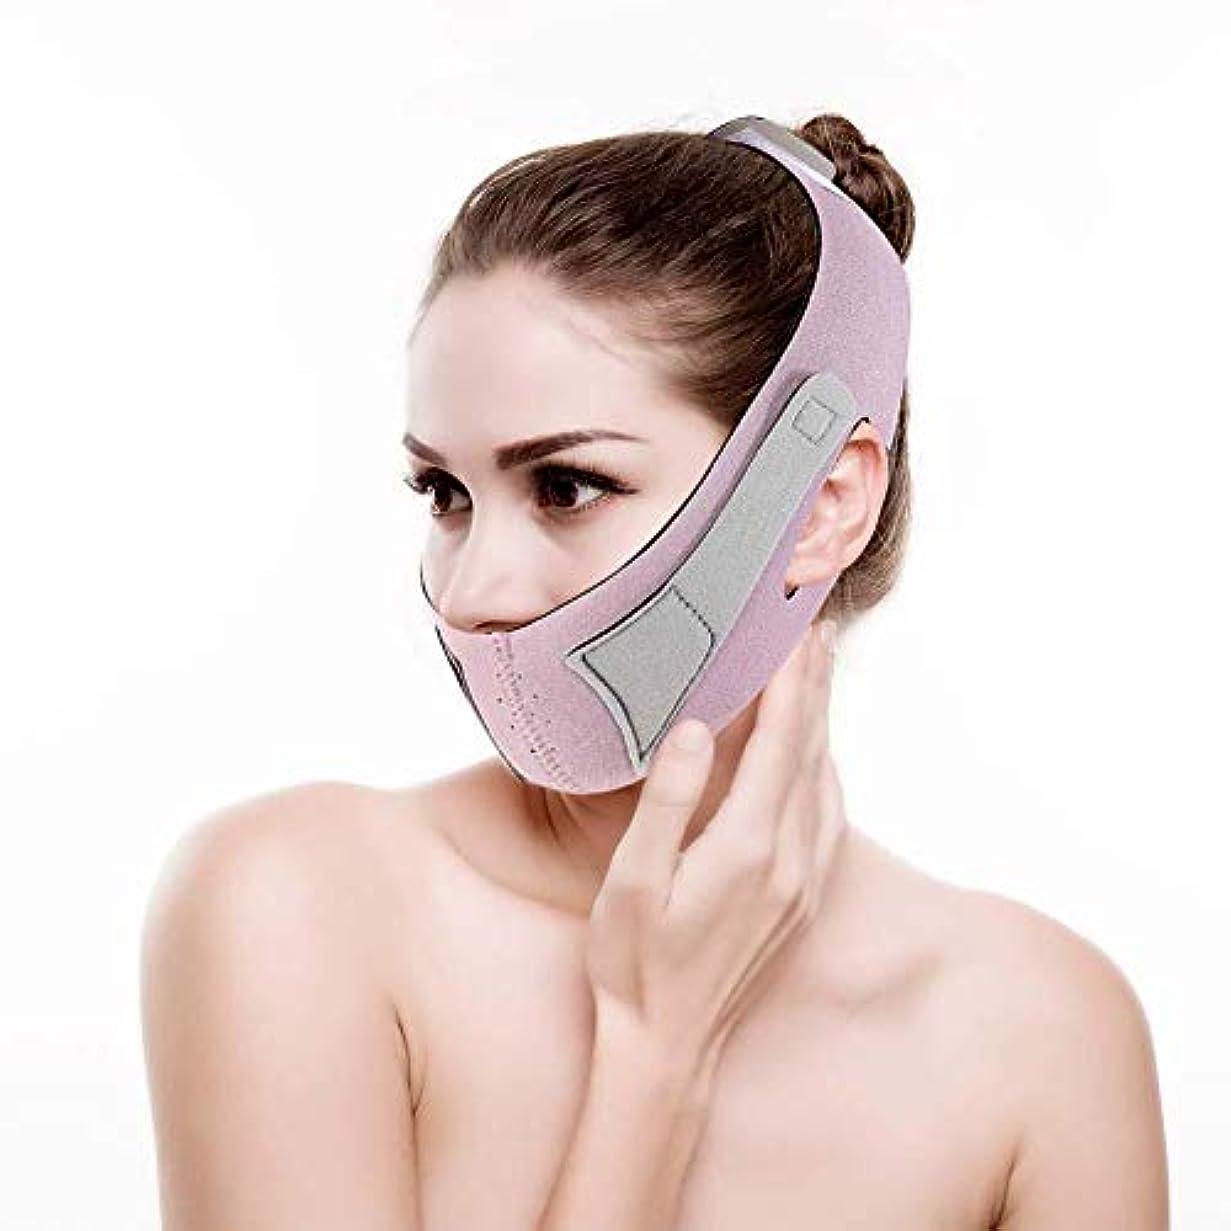 ジャンピングジャックメイド政権フェイシャルスリミングマスク プロテクターカバレッジリフティング フェイス減量 ベルト減量 ダブルチェーン スキンケア(1)